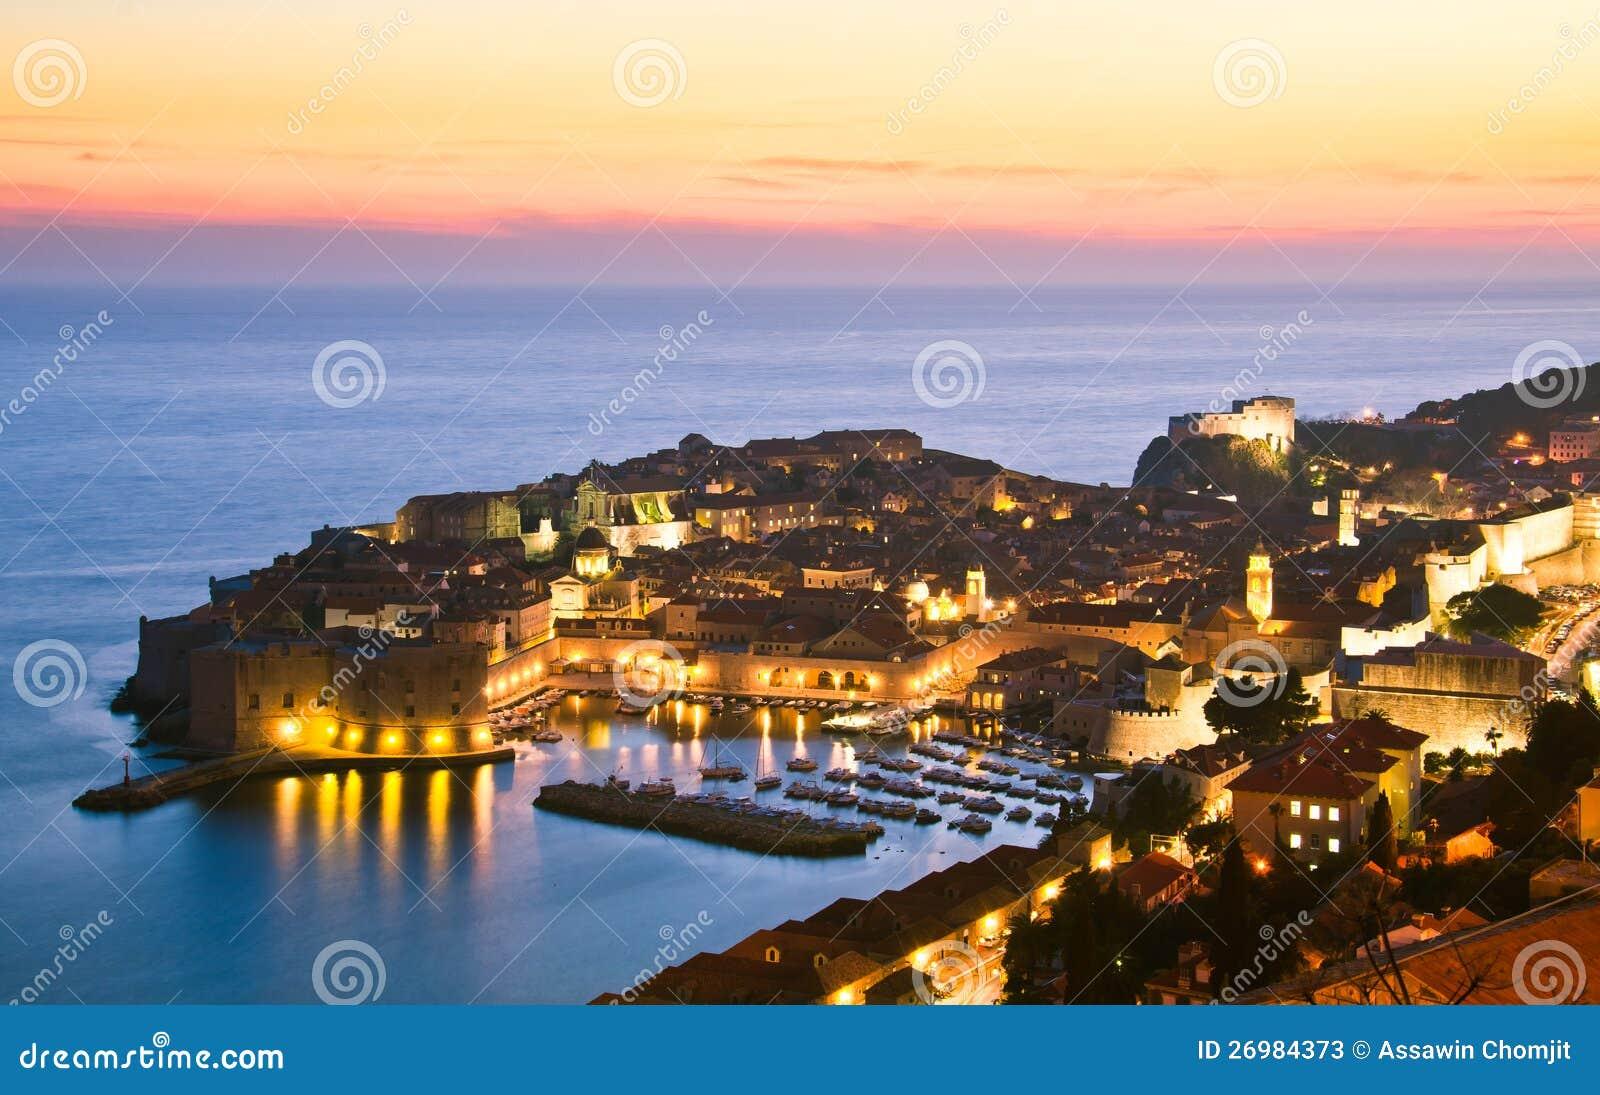 Dubrovnik Bis Zum Nacht, Kroatien Stockbild - Bild von belichtet ...